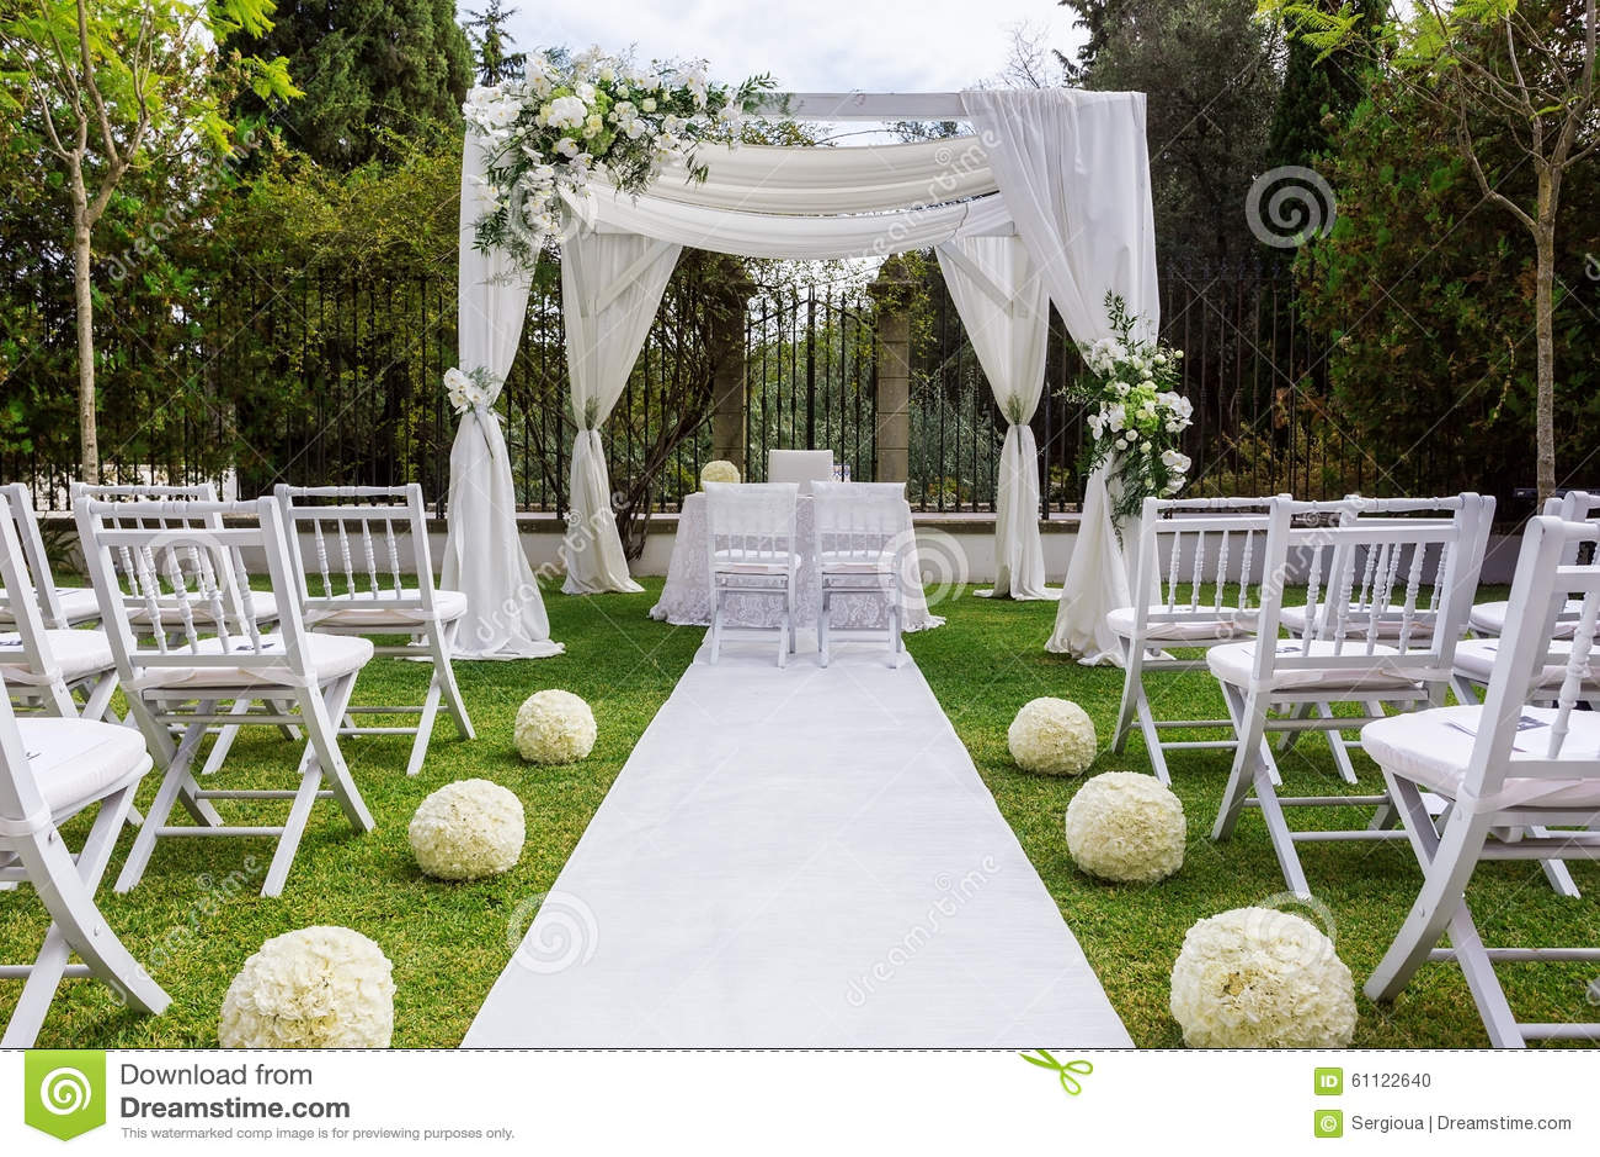 Decoration mariage exterieur jardin - Decoration de jardin pour mariage ...